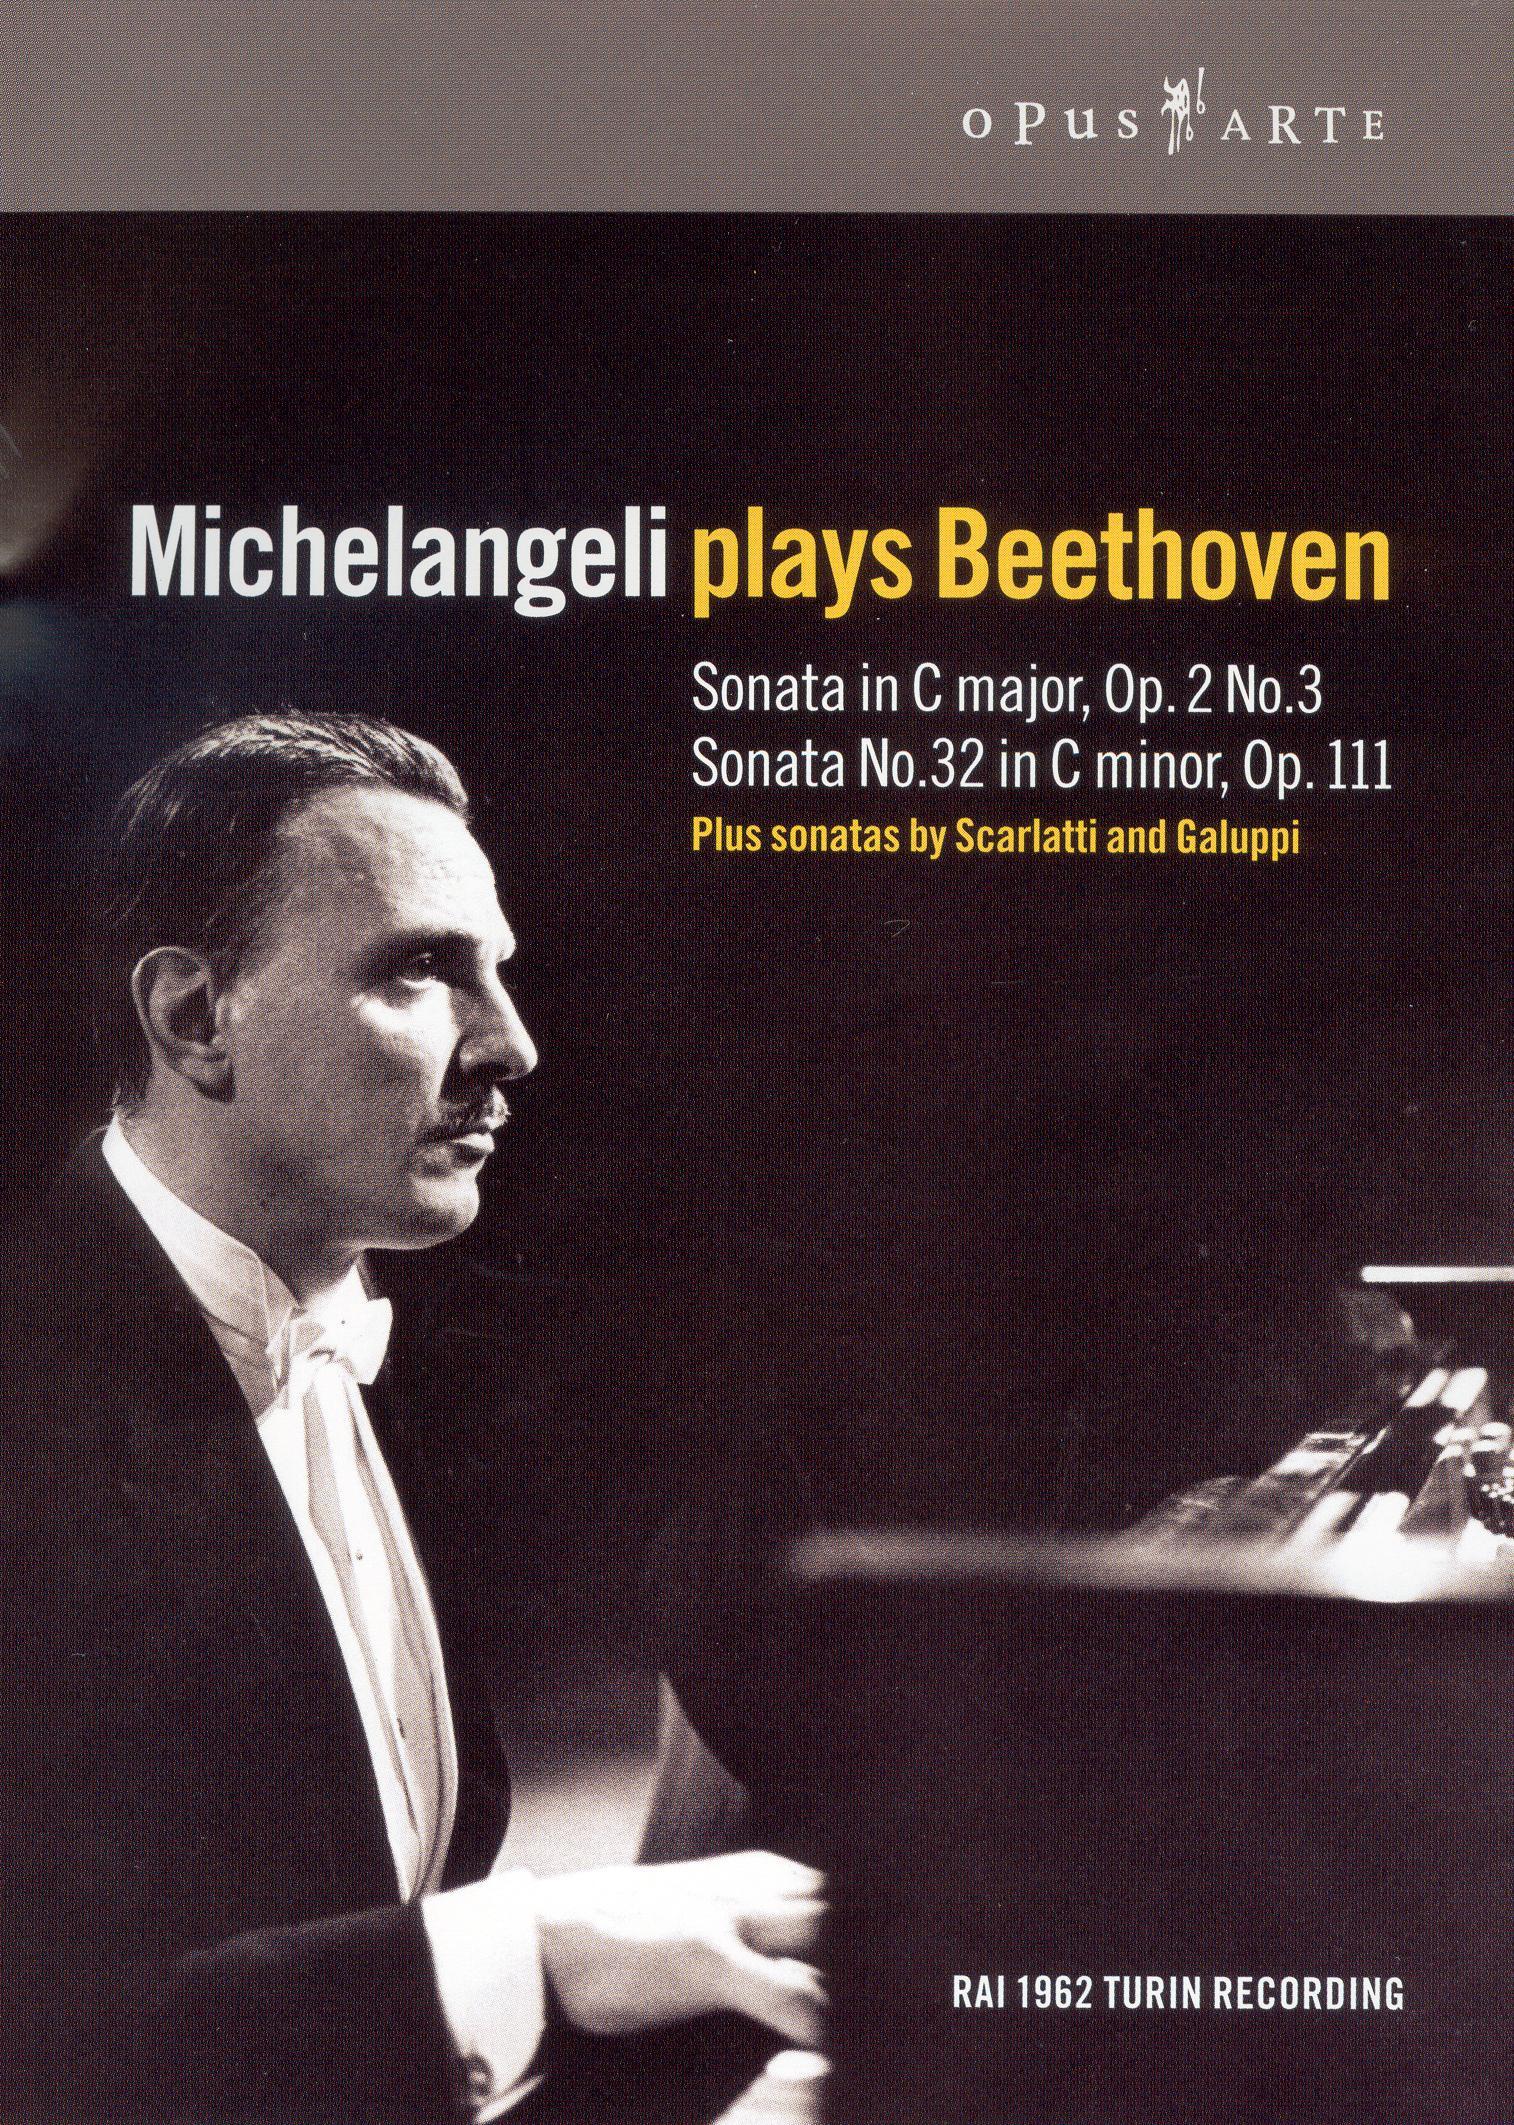 Michelangeli Plays Beethoven